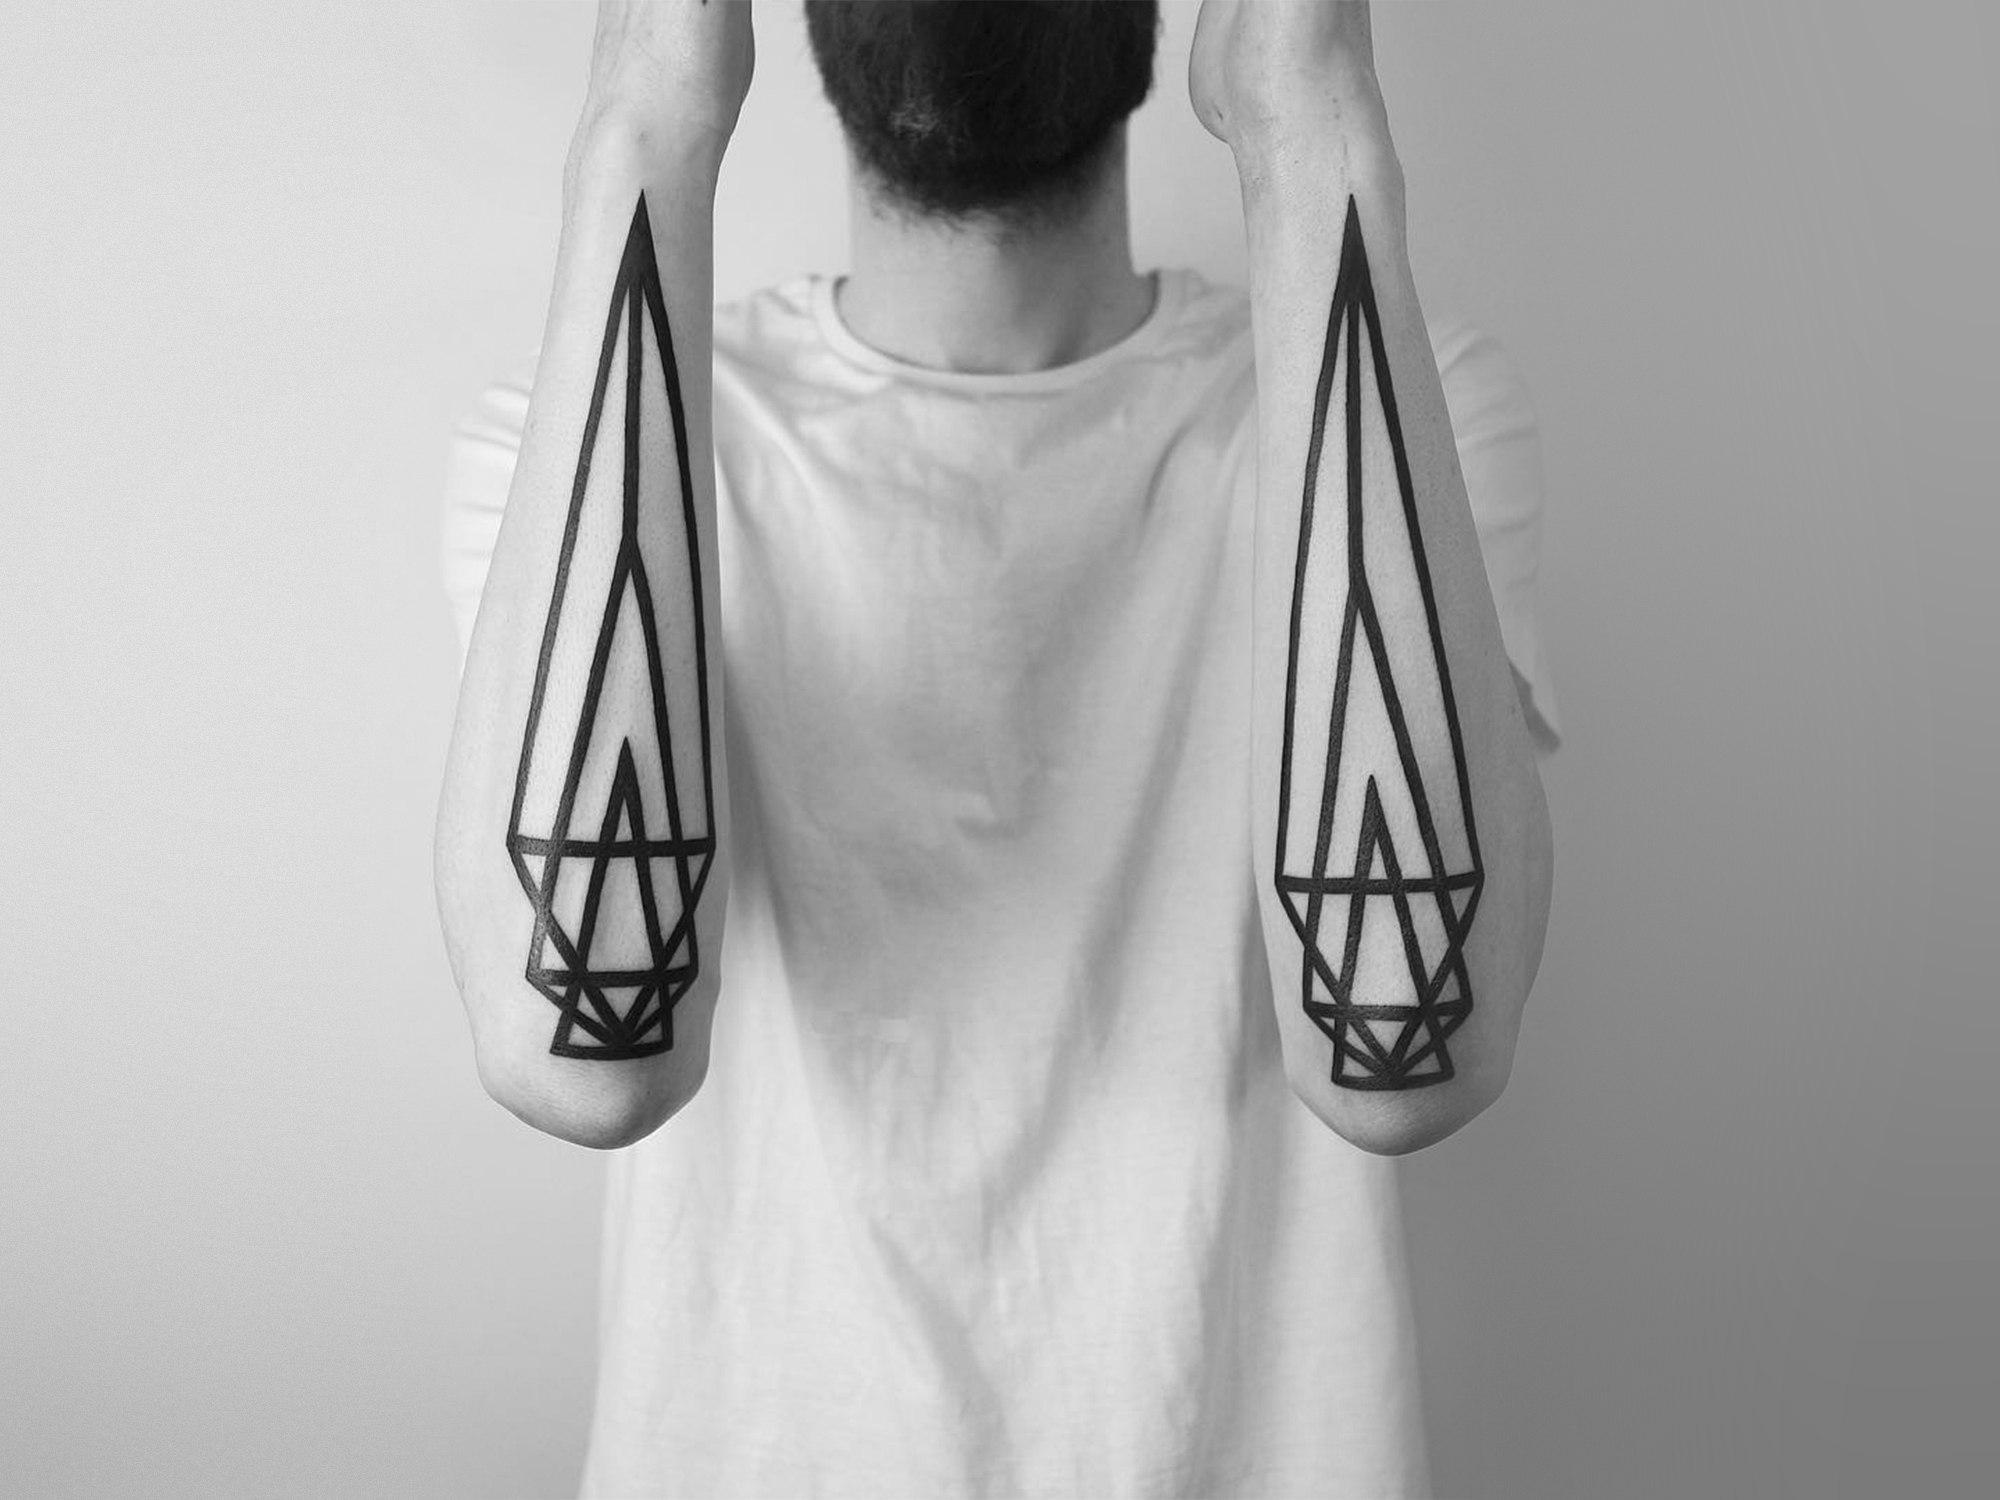 O minimalismo e a geometria das tatuagens de Malvina (9 pics)